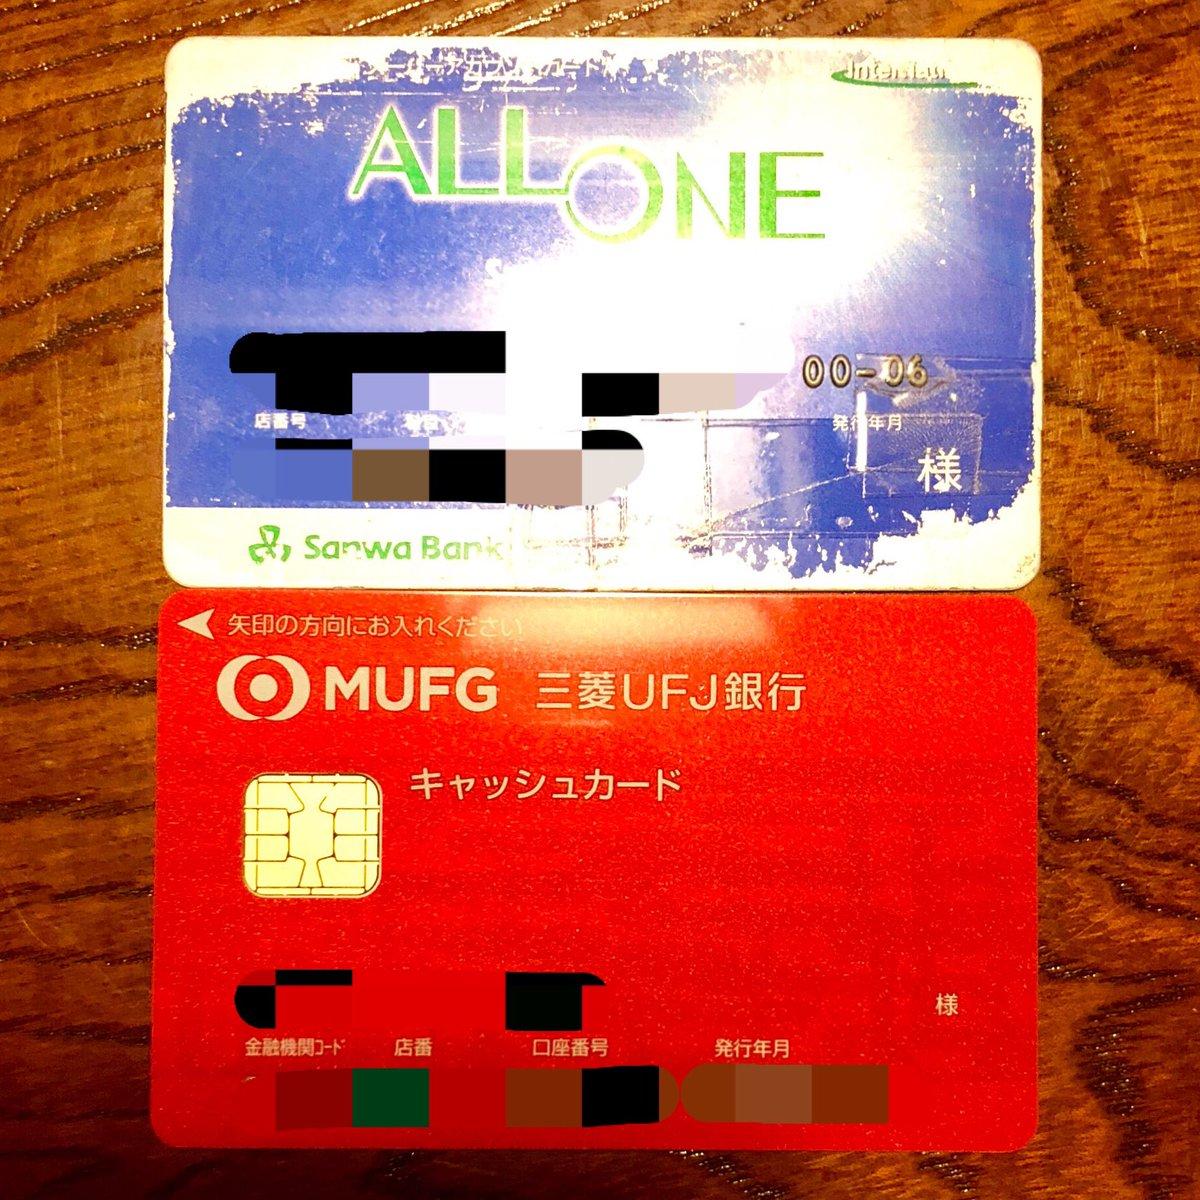 機関 コード ufj 金融